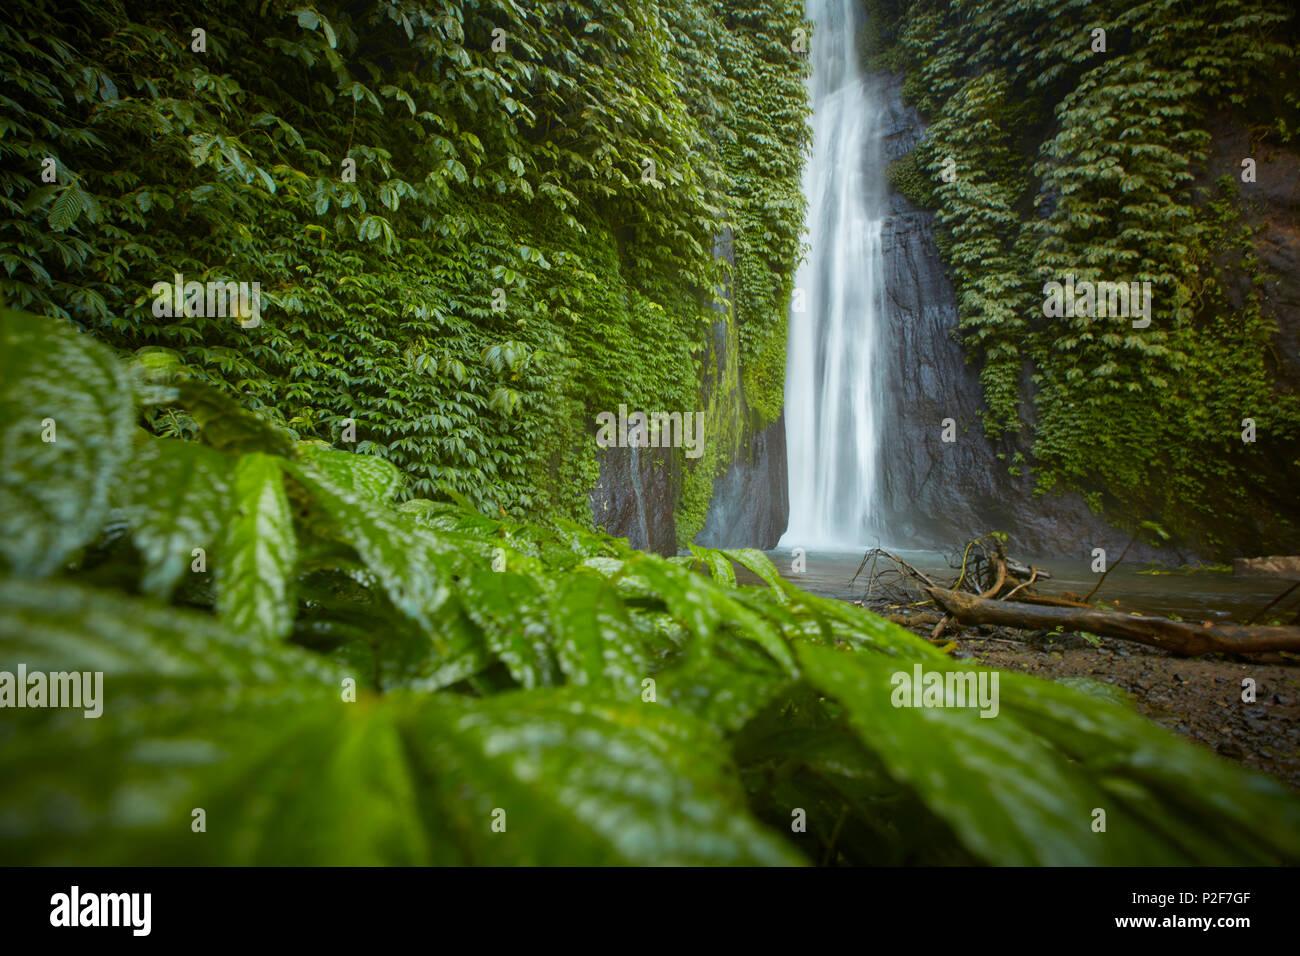 MUNUK waterfall, near Gobleg, north Bali, Indonesia - Stock Image